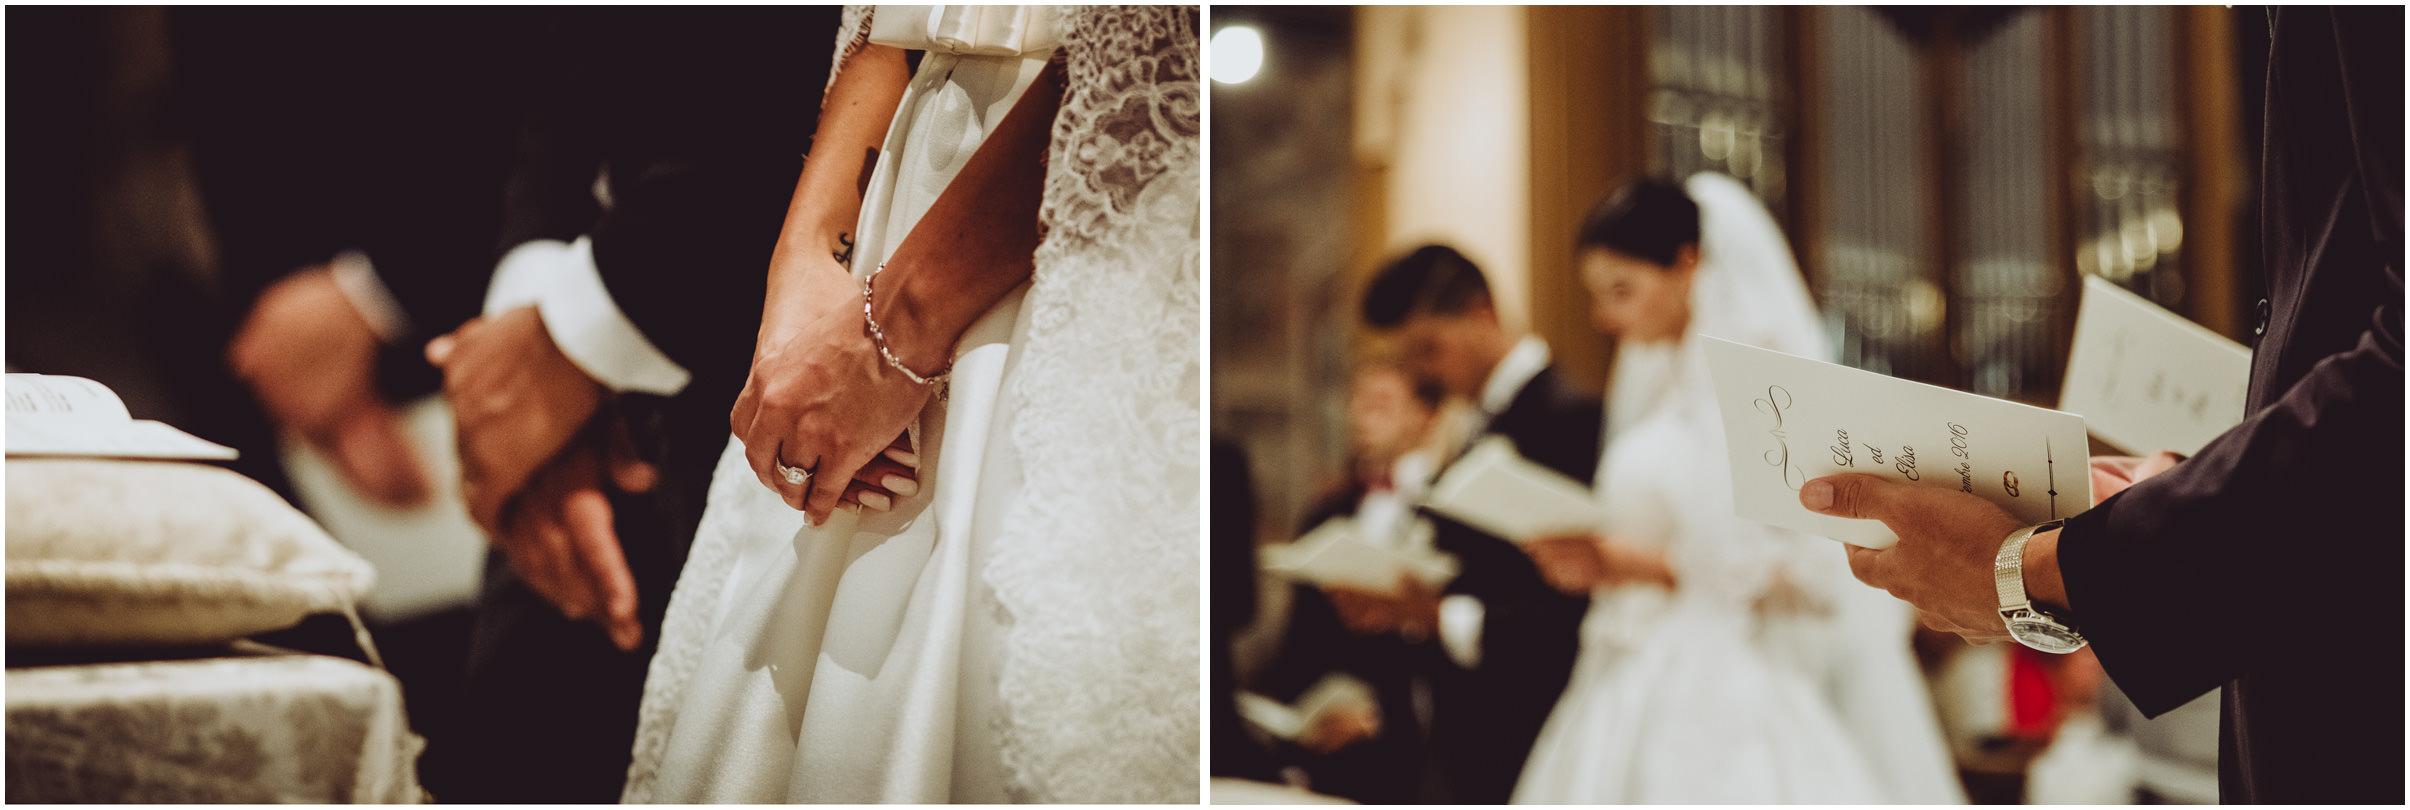 WEDDING-PHOTOGRAPHY-SARA-LORENZONI-FOTOGRAFIA-MATRIMONIO-AREZZO-TUSCANY-EVENTO-LE-SPOSE-DI-GIANNI-ELISA-LUCA024